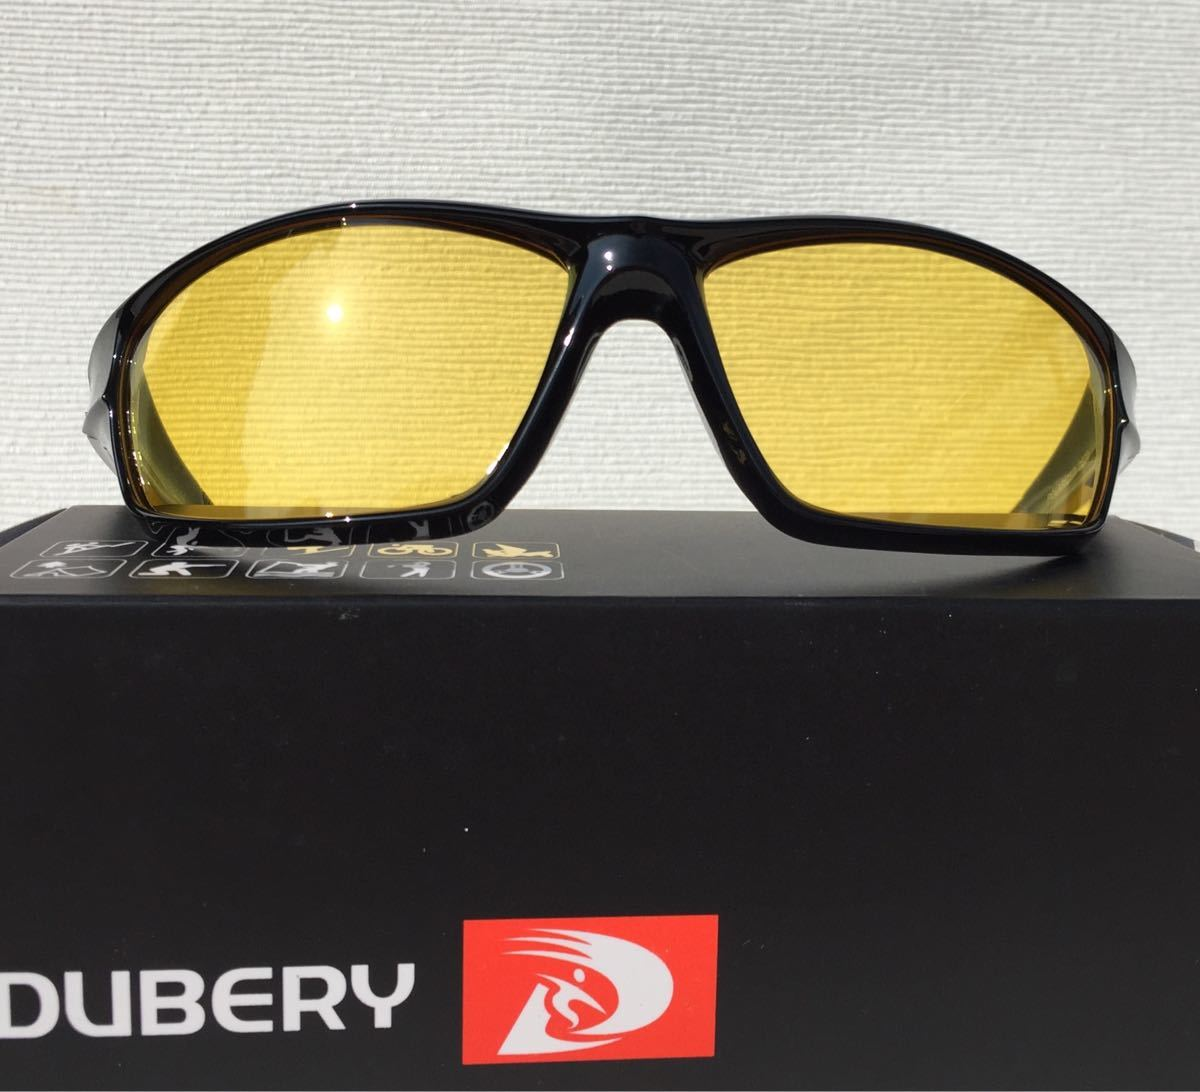 新品 DUBERY 偏光サングラス 釣り、スポーツに UV400 軽量 イエローレンズ